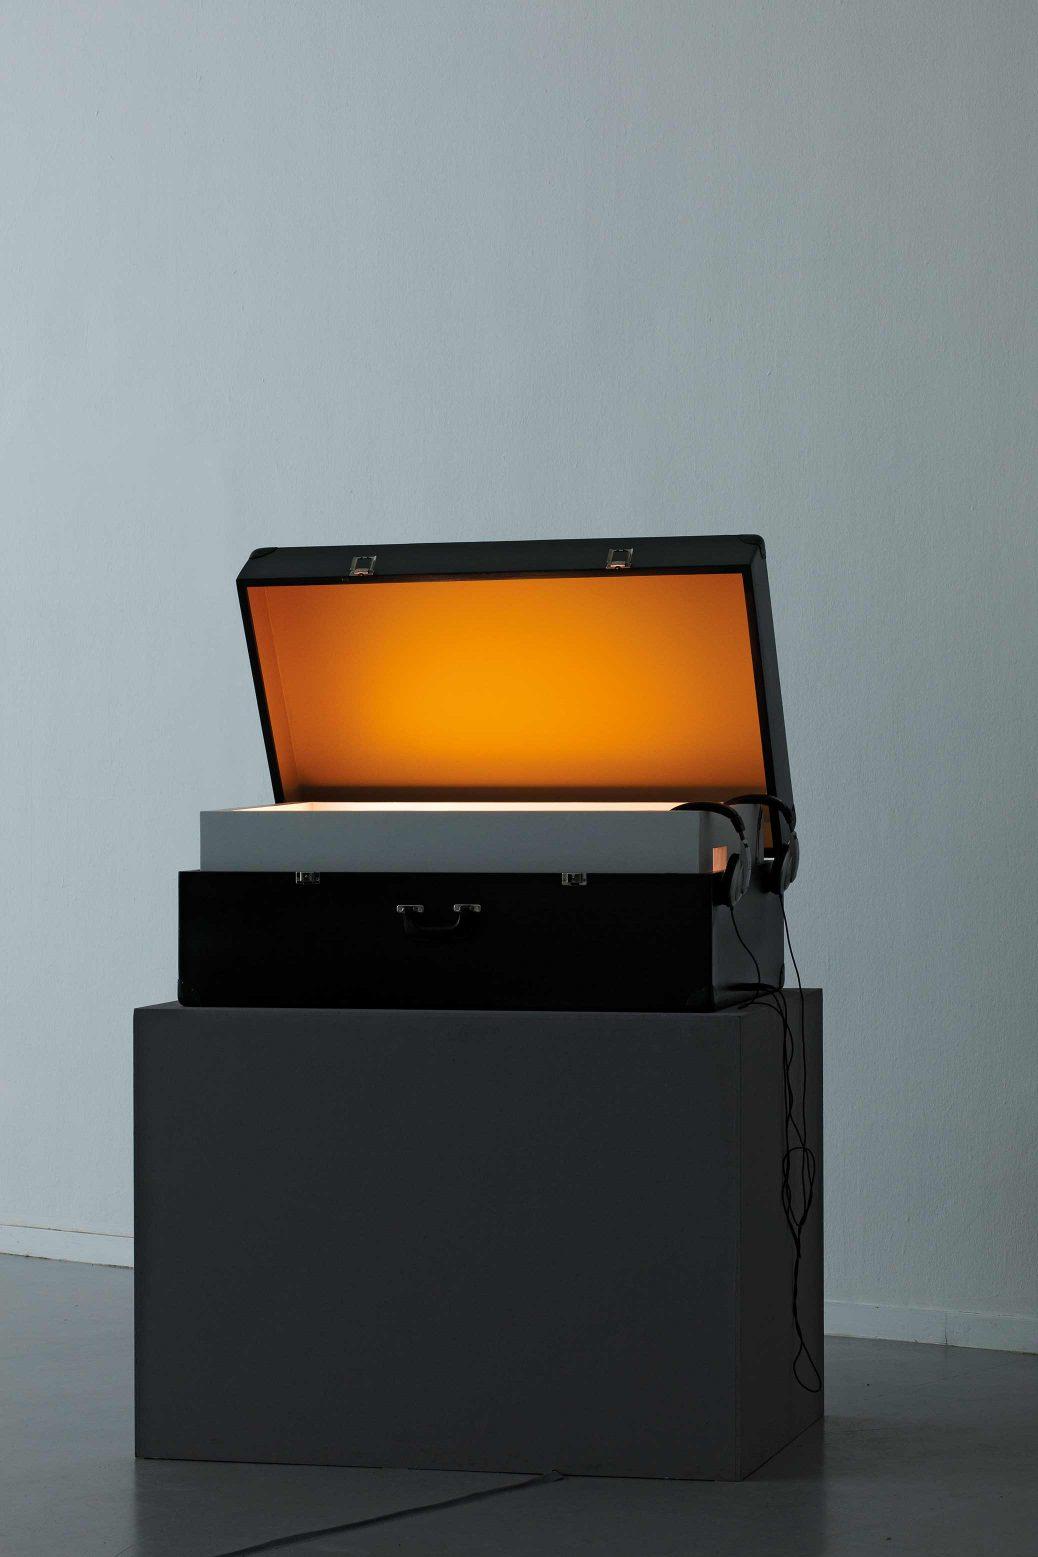 Geschichten aus dem Koffer, videoinstallation med resväskor på Künstlerhaus Bethanien, Berlin, resväska på podium.